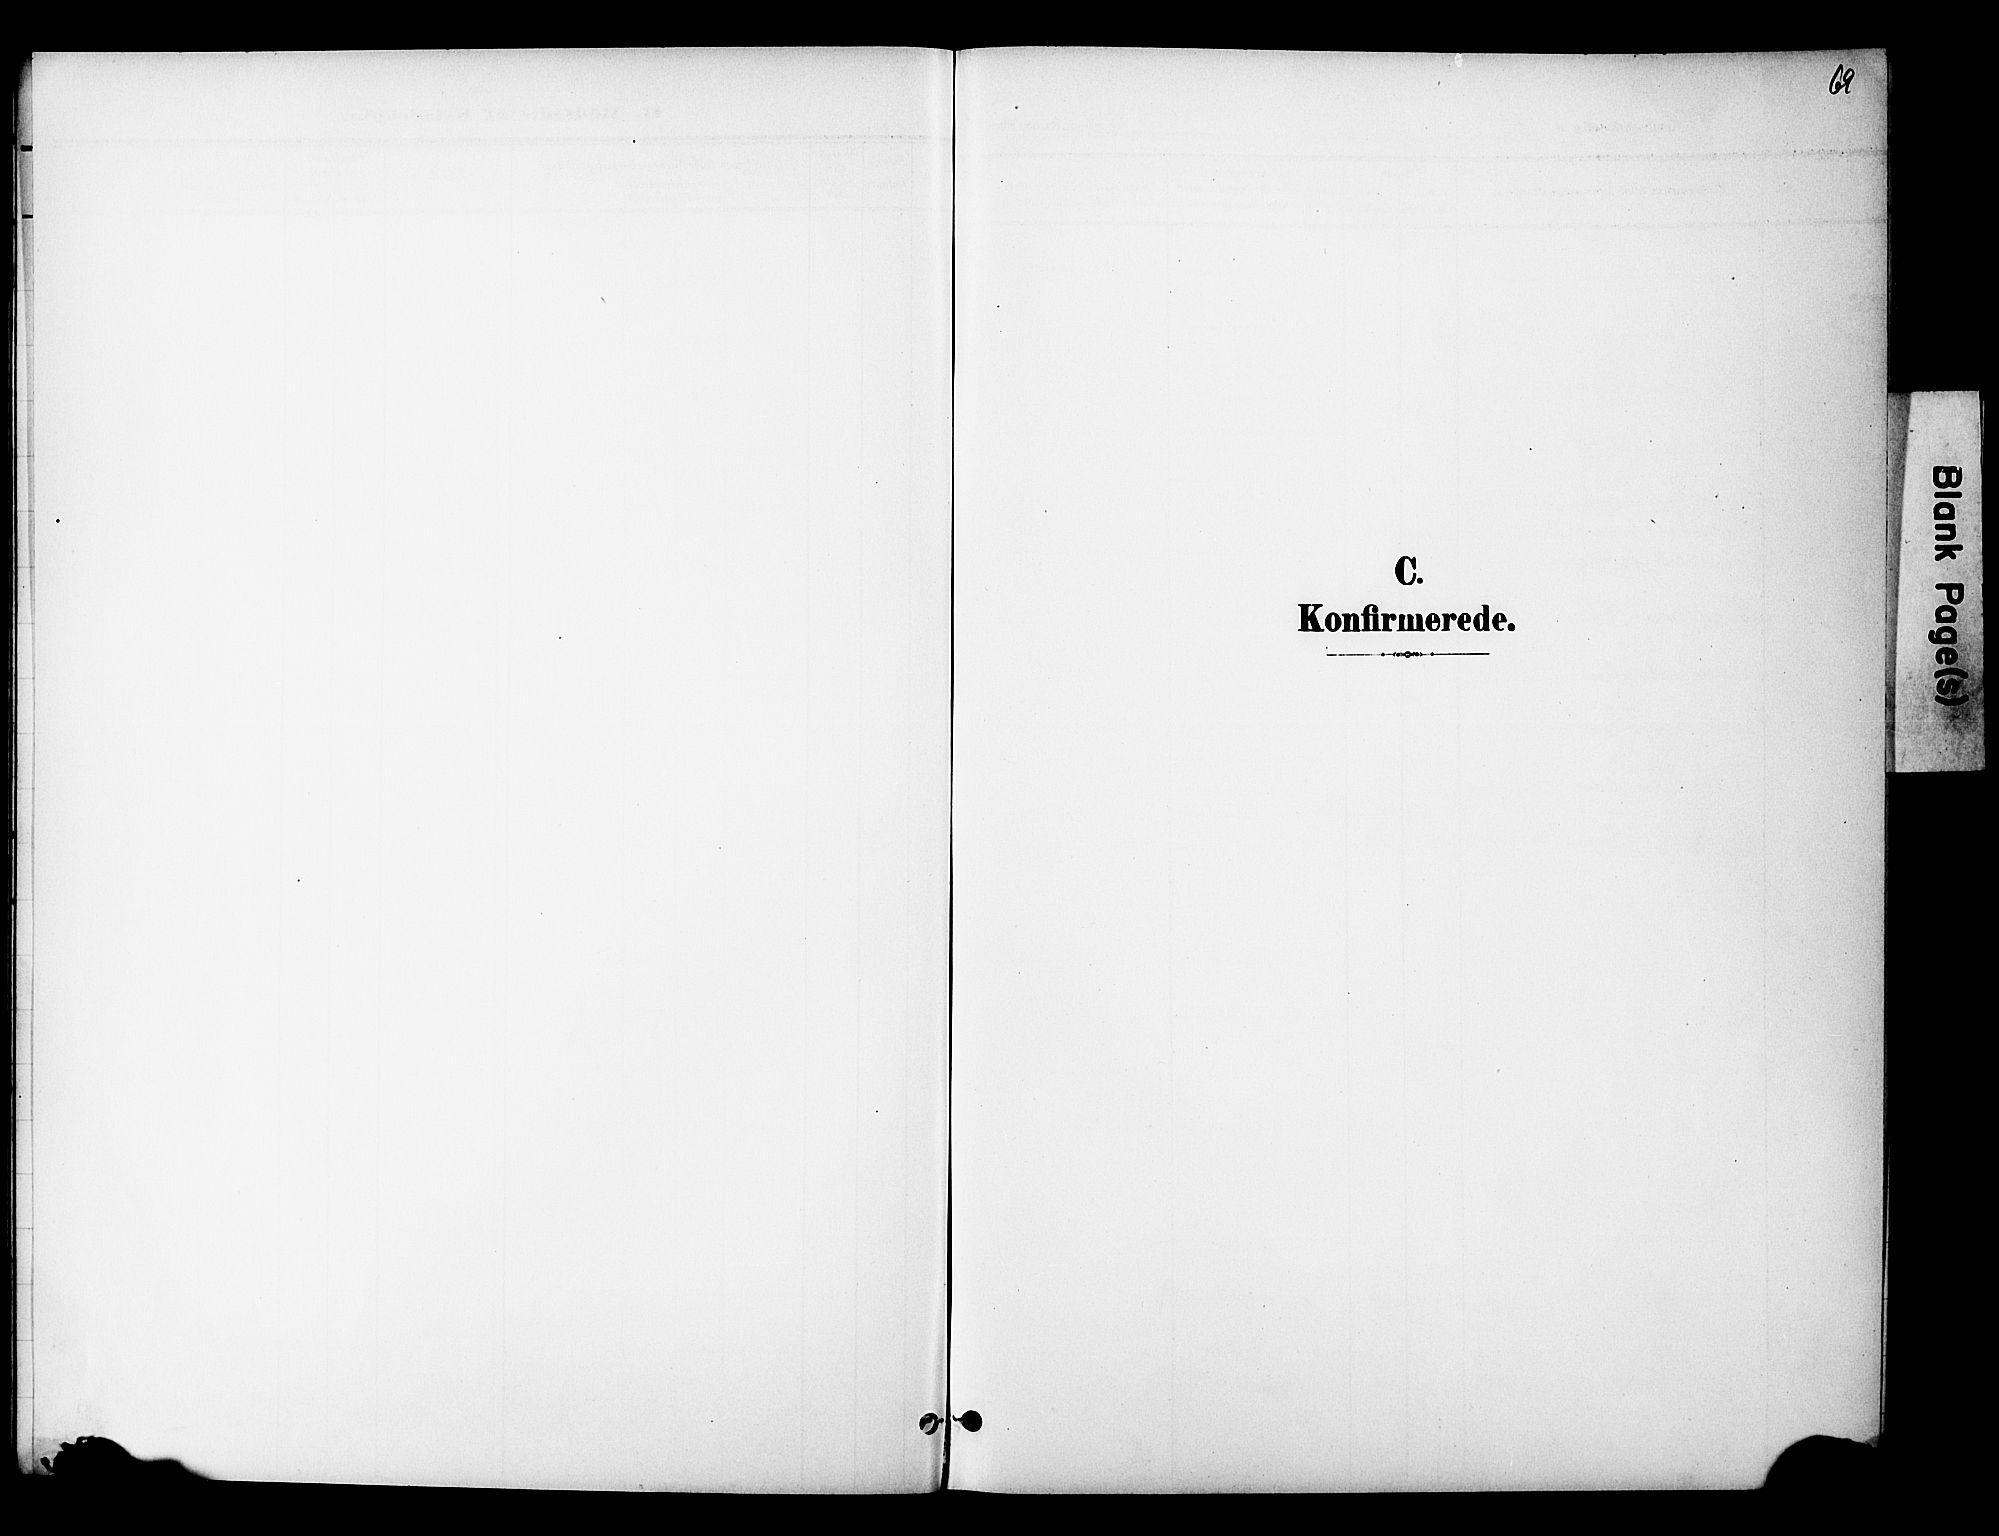 SAO, Nannestad prestekontor Kirkebøker, G/Gc/L0001: Klokkerbok nr. III 1, 1901-1916, s. 68